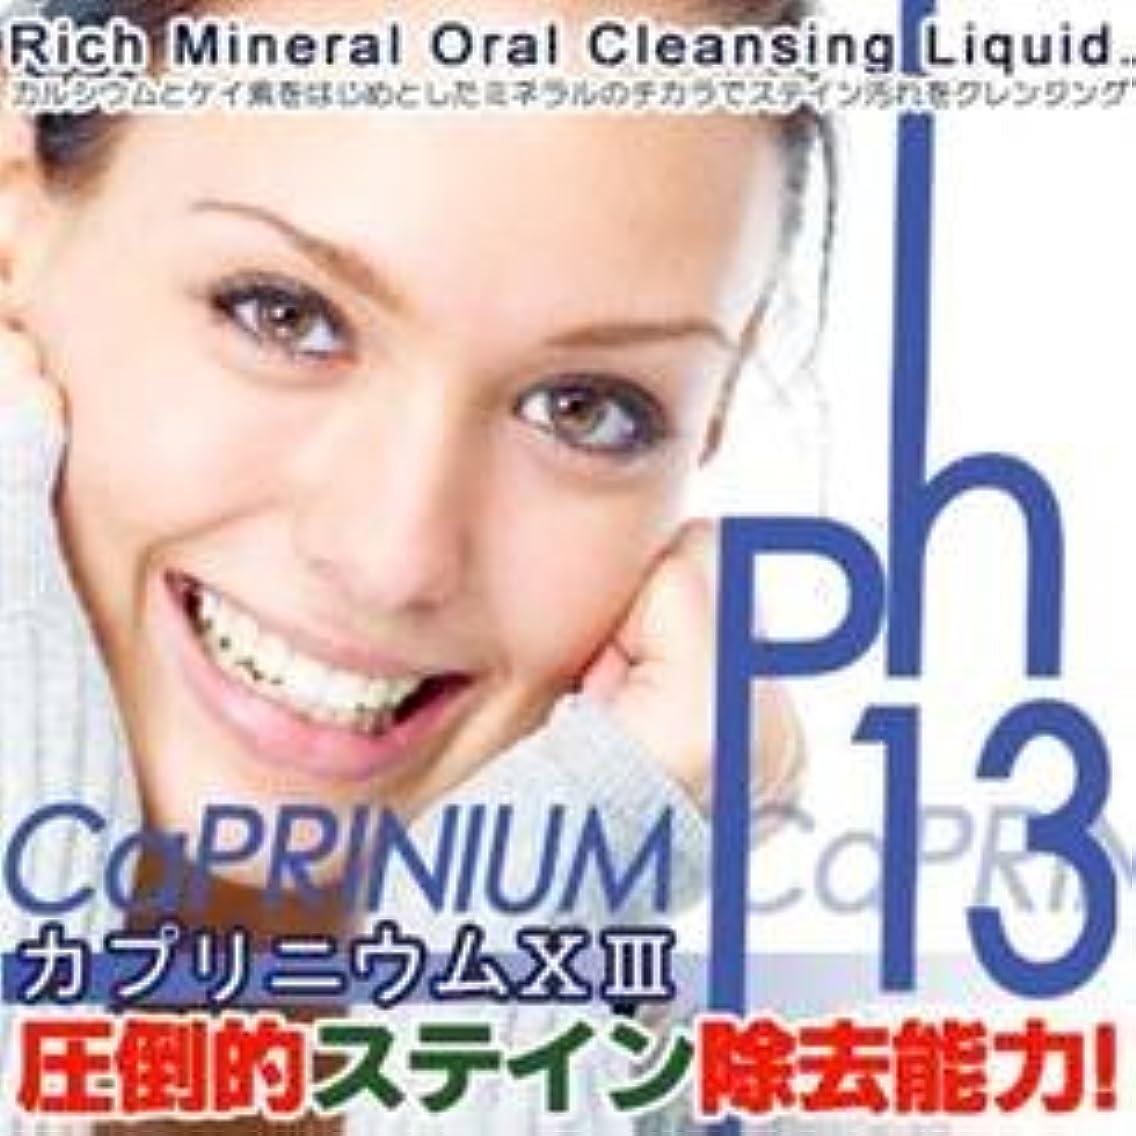 流体回路検出カプリニウムサーティーンジェル1個入(10日分) 電動歯ブラシ対応歯磨きジェル